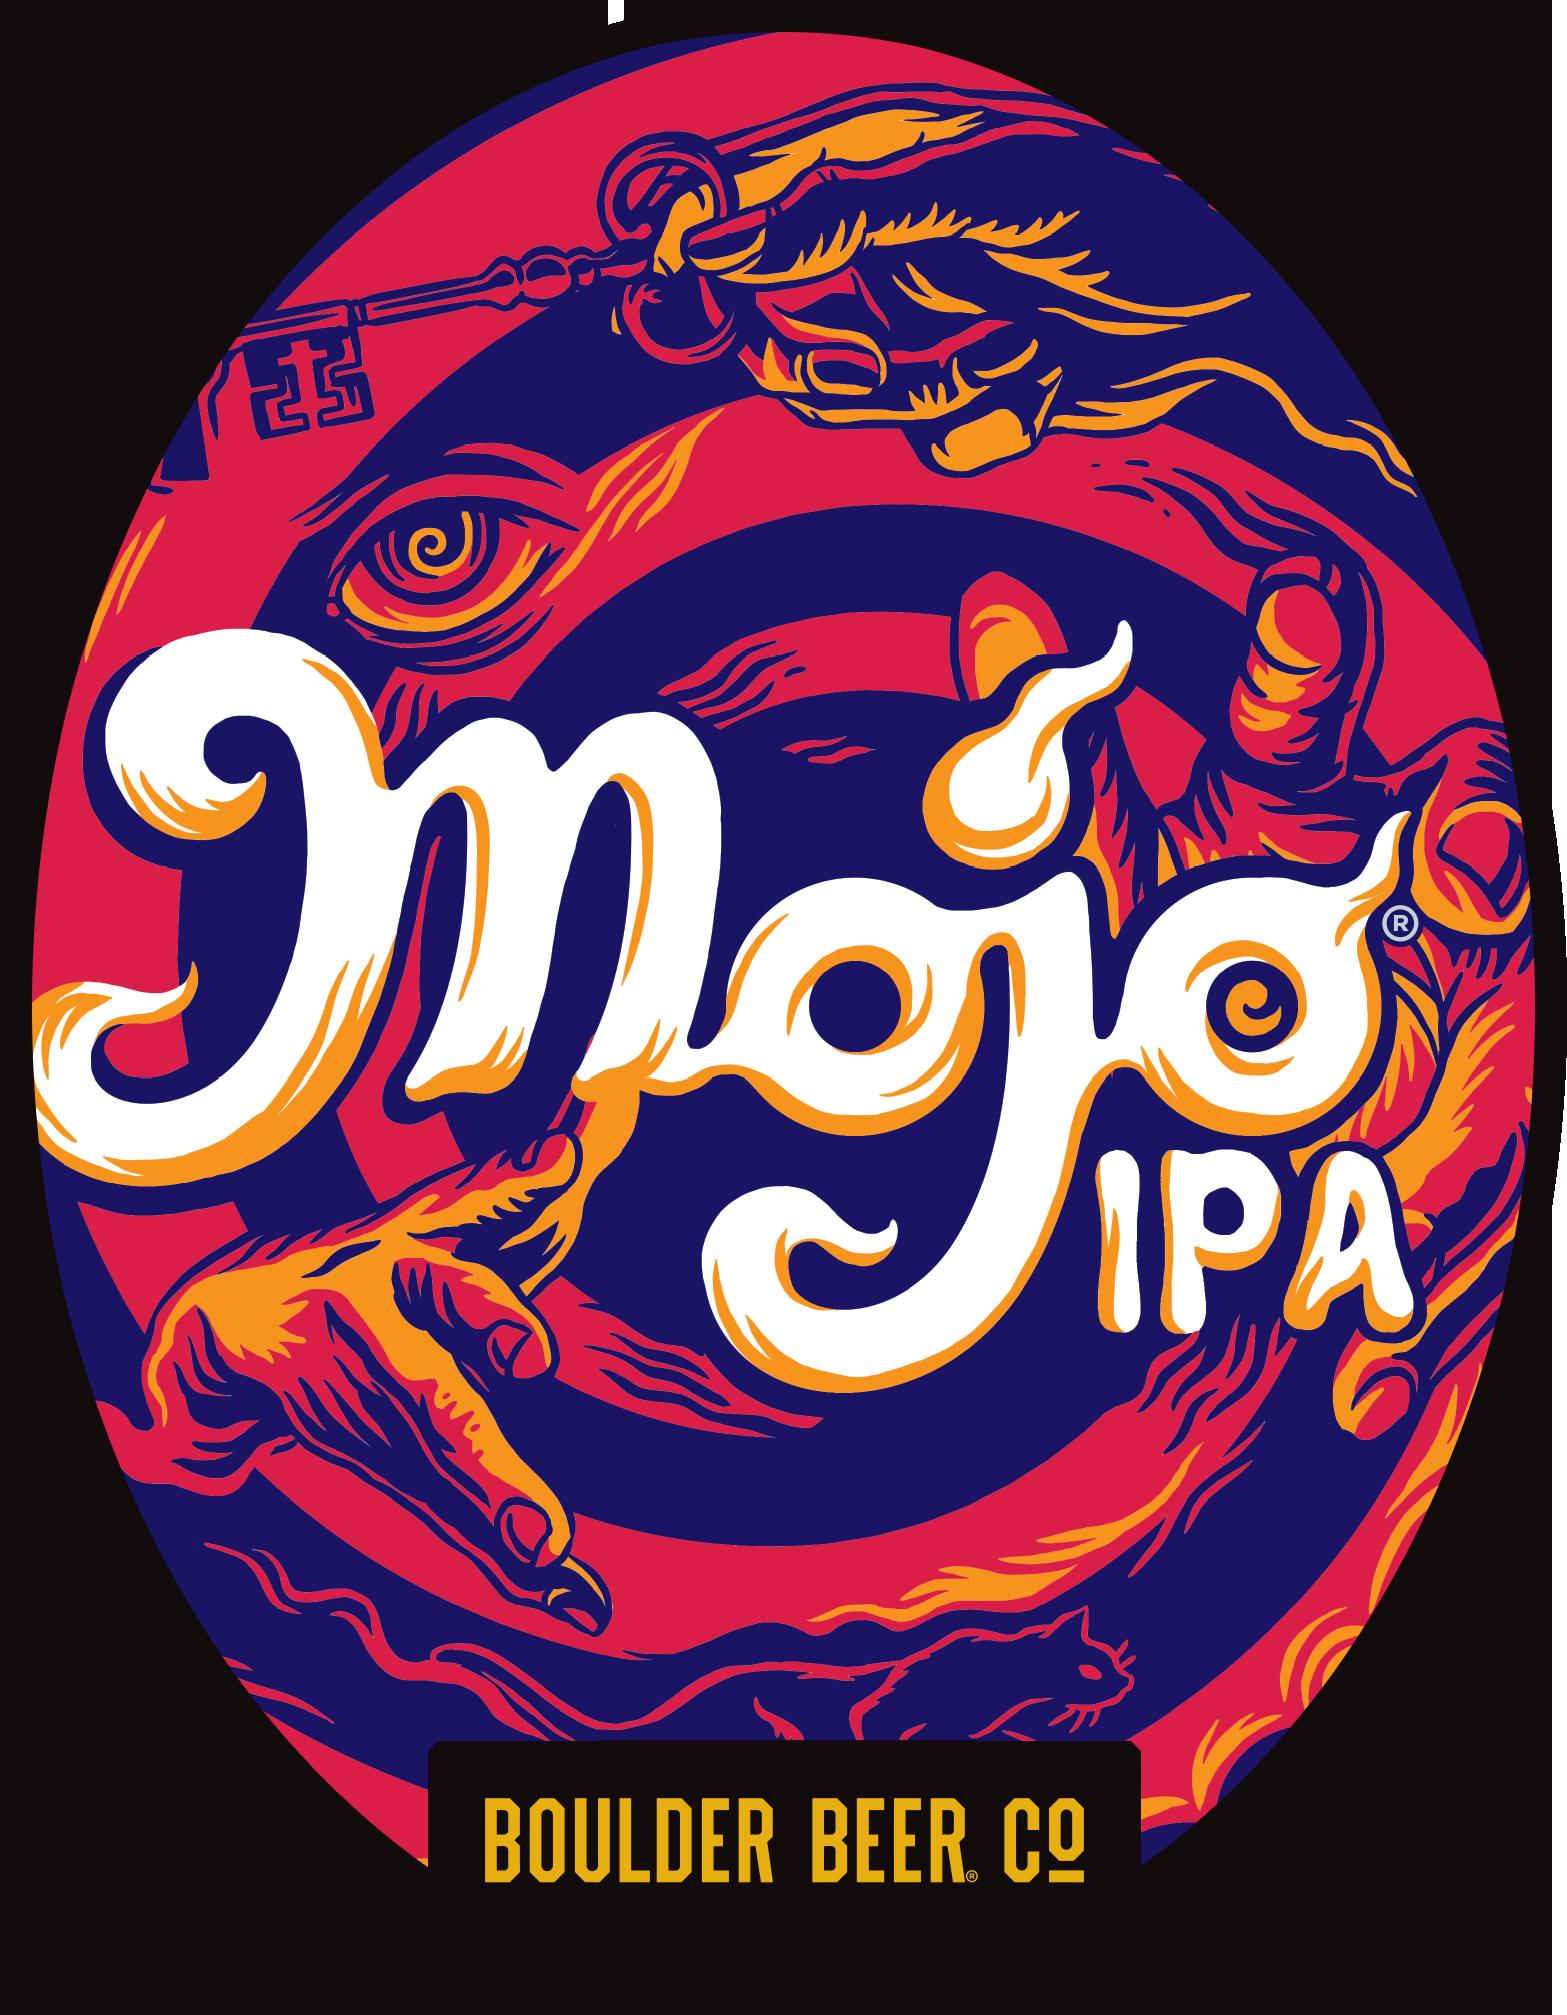 04675-1.4 Boulder Beer Mojo Oval.png